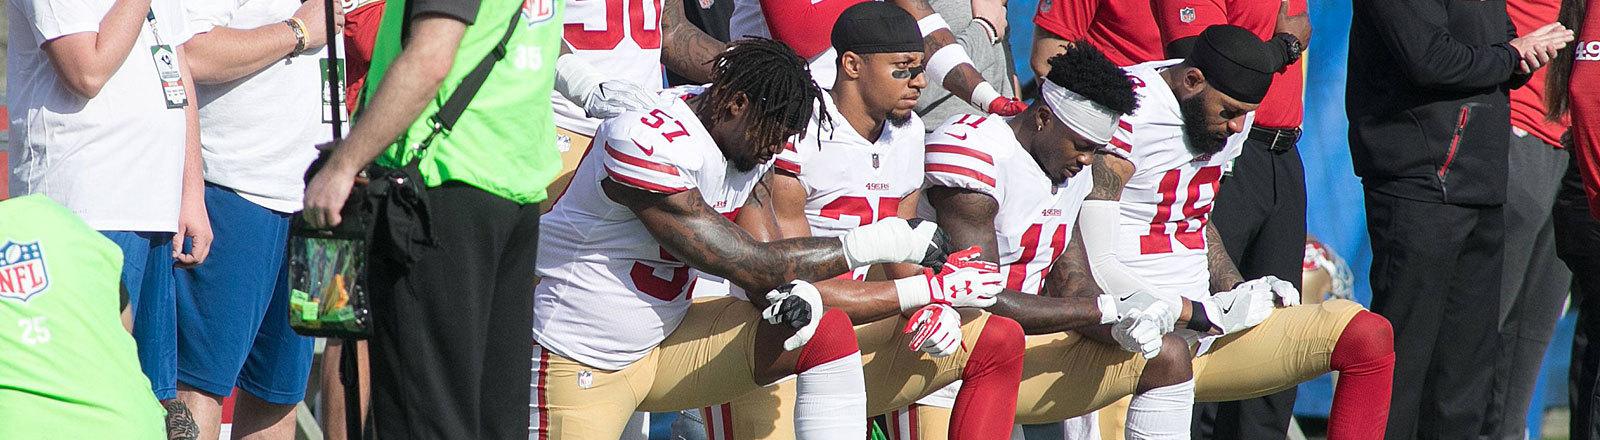 Footballspieler der San Francisco 49ers knien am 31.12.2017 während der Nationalhymne